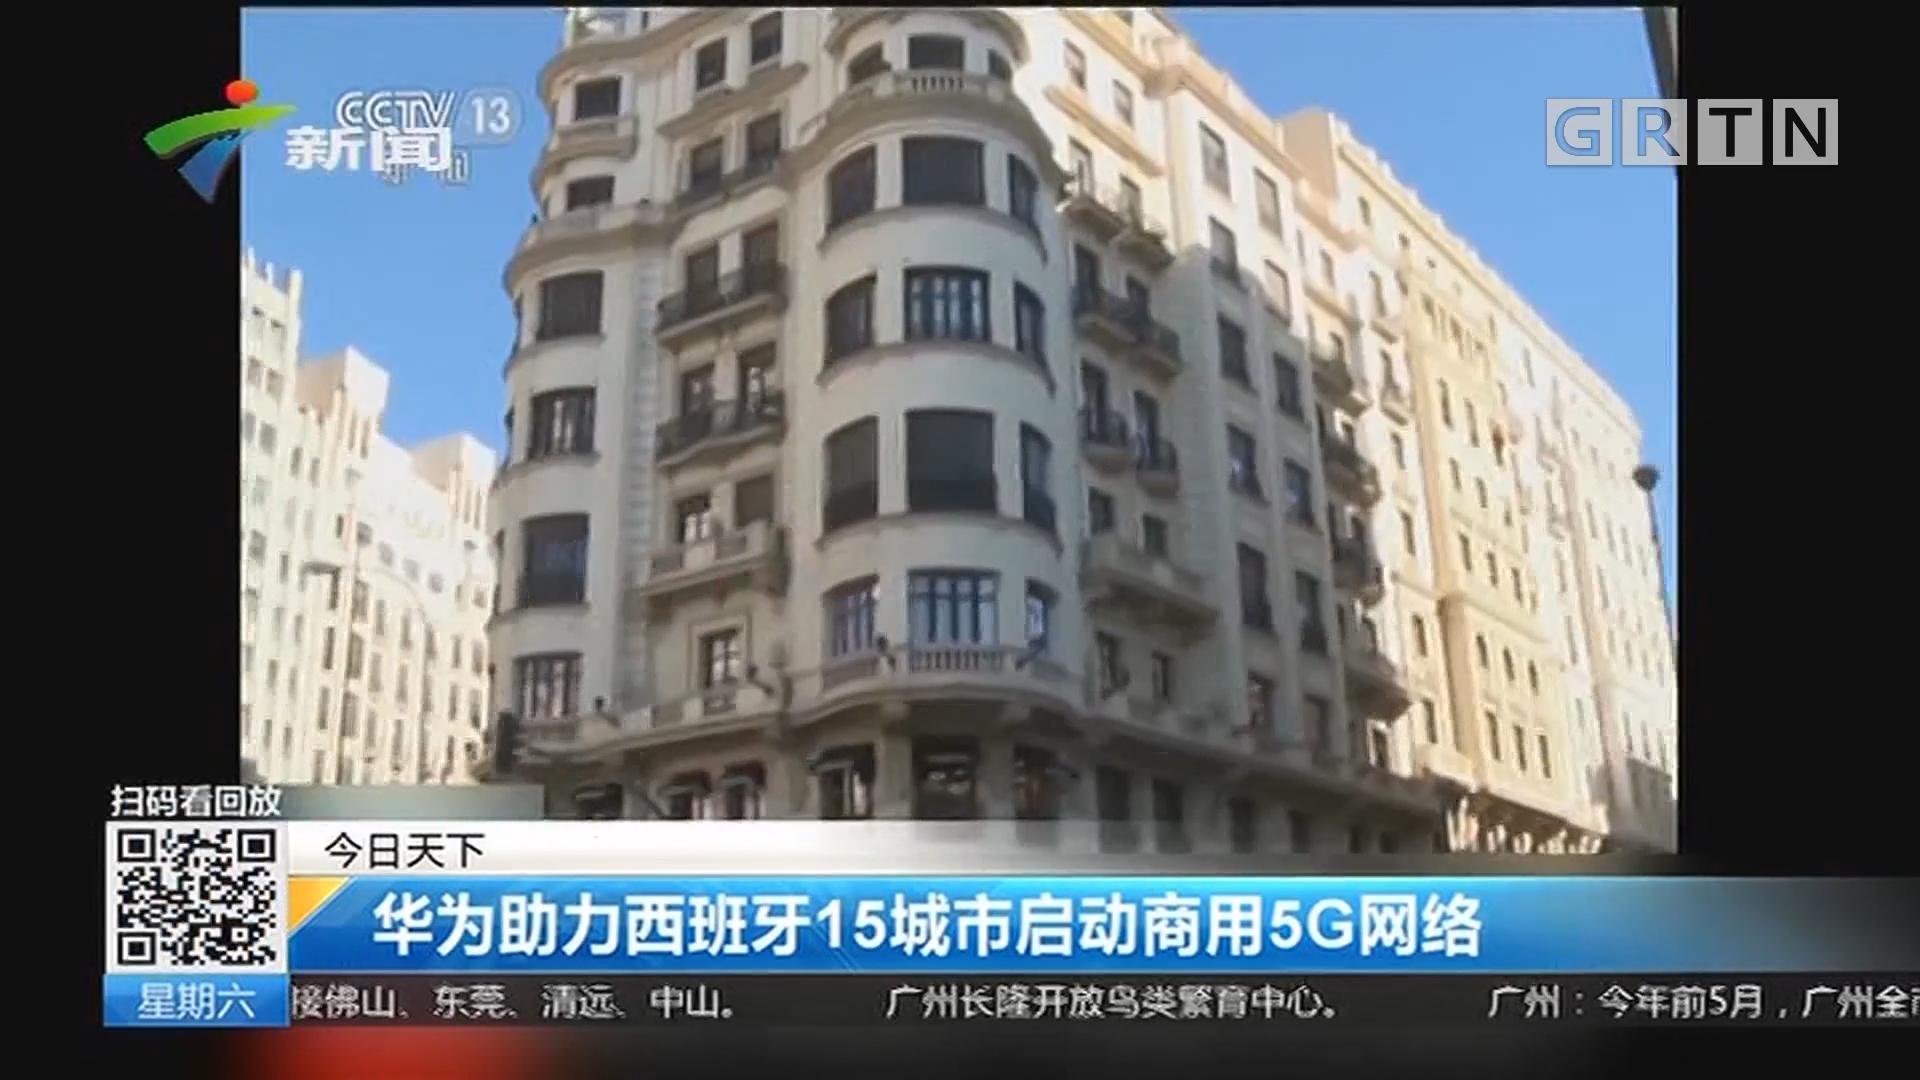 华为助力西班牙15城市启动商用5G网络